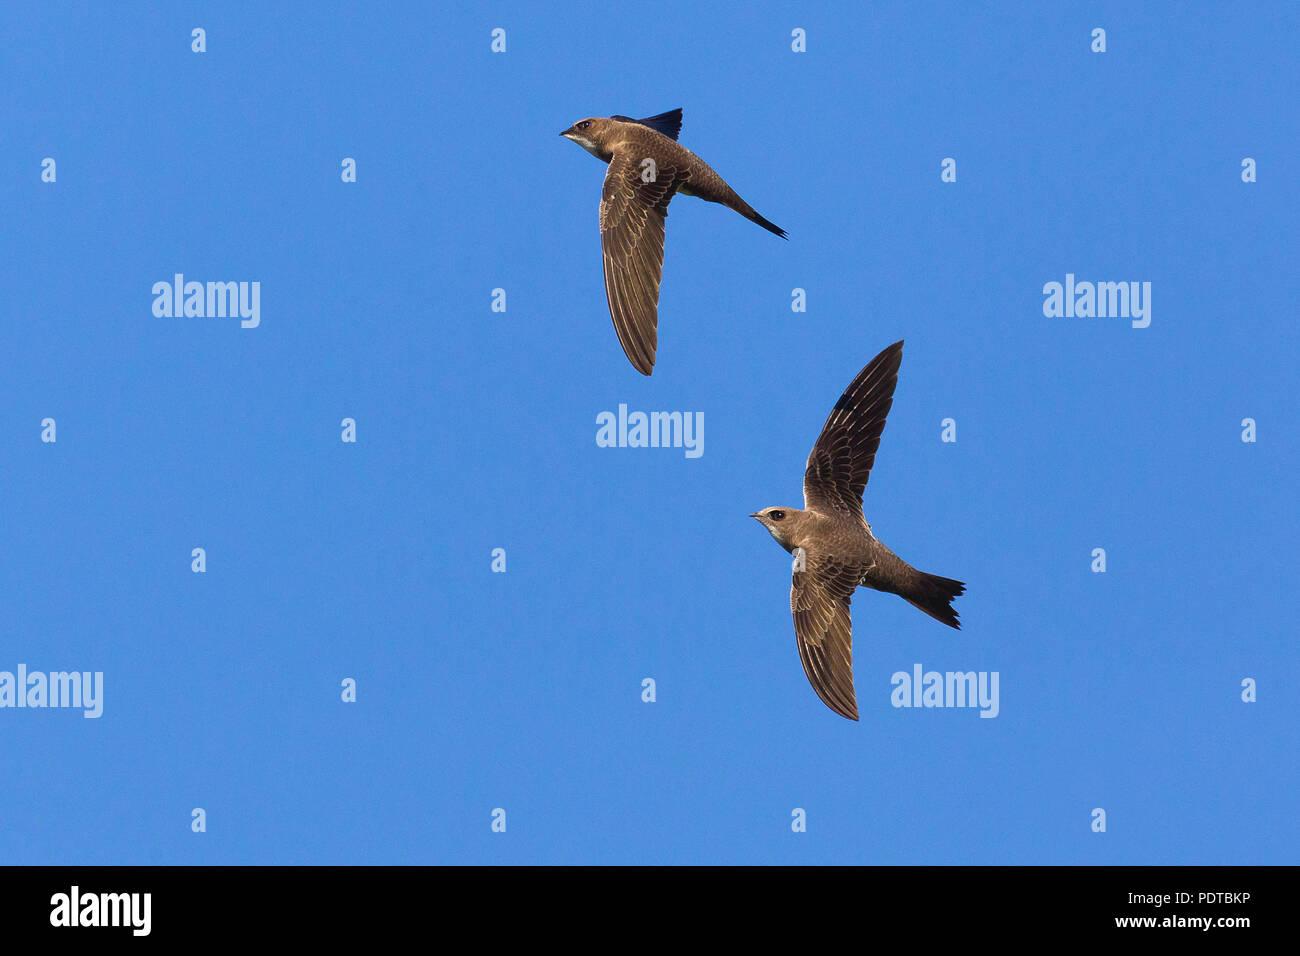 Zwei alpinen Swifts über einen blauen Himmel fliegen. Stockbild